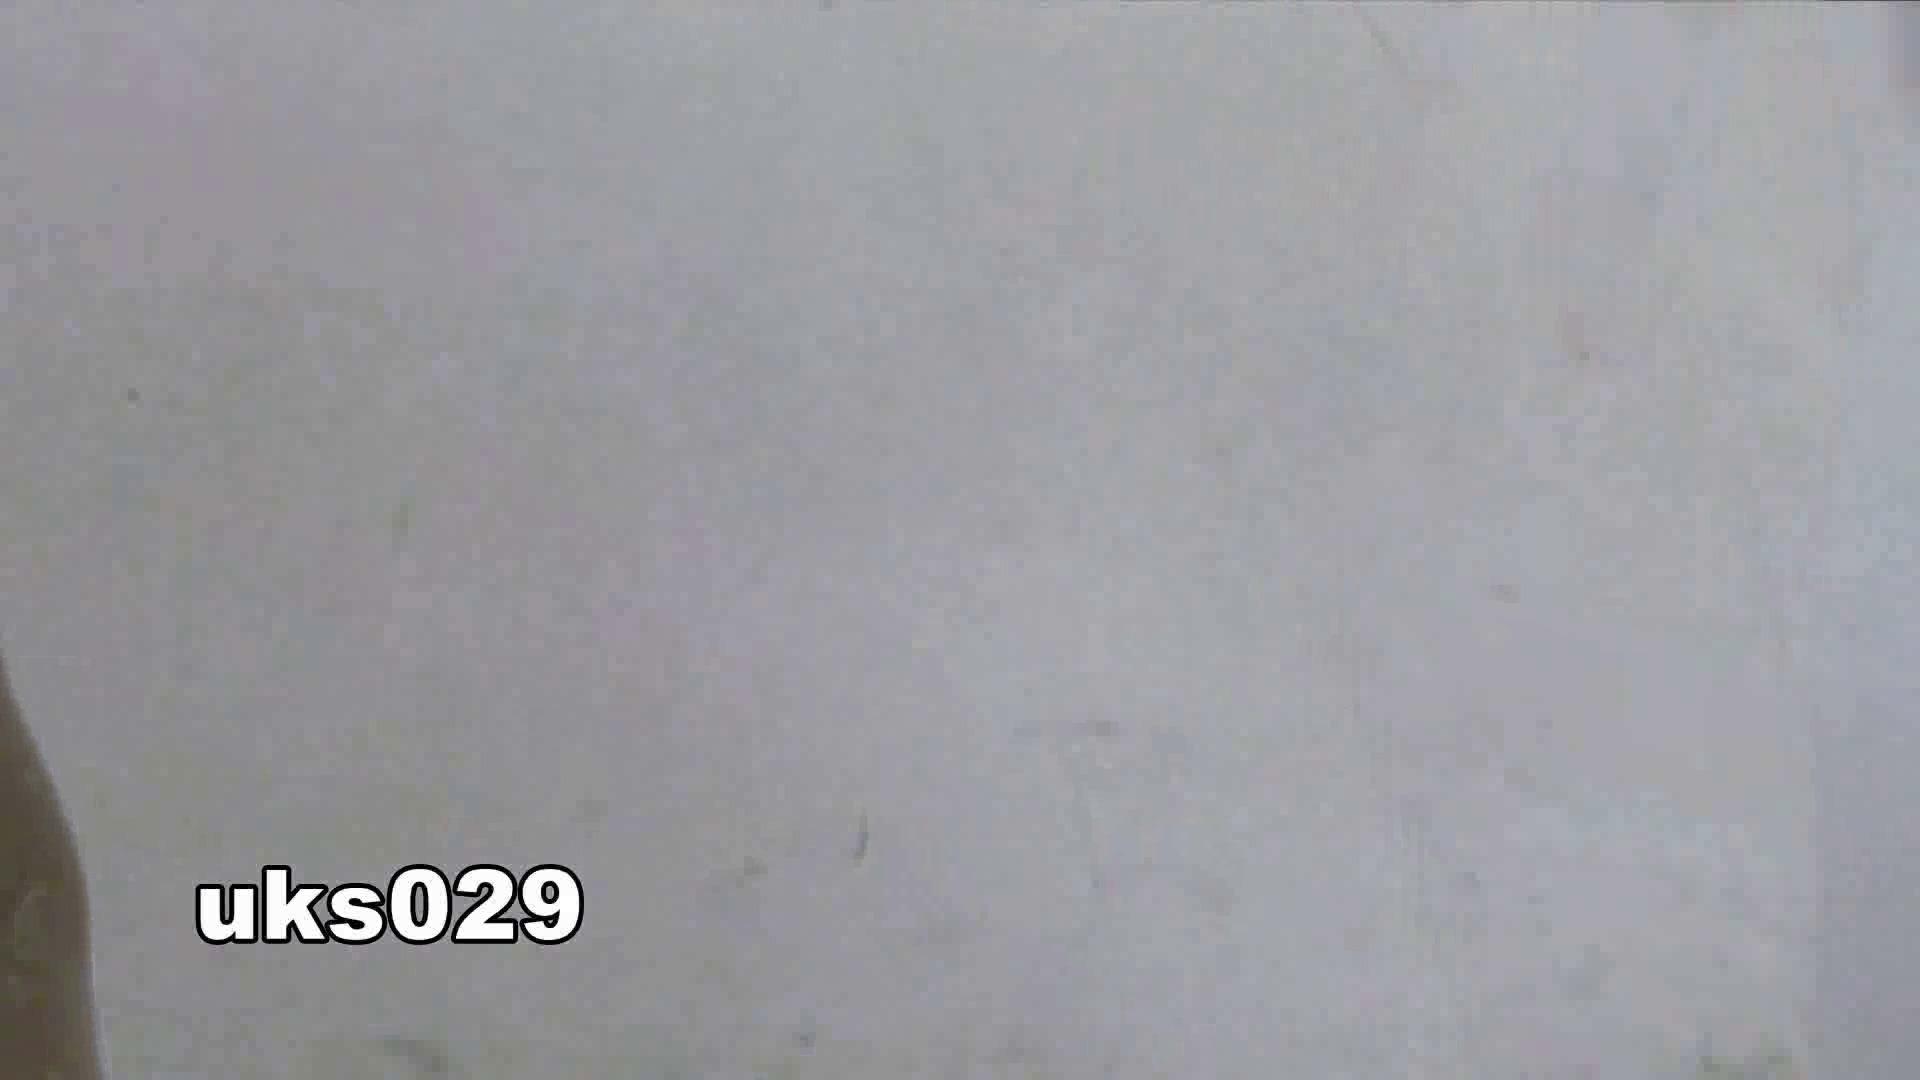 【美しき個室な世界】 vol.029 澄ました顔してにょろにょろ~ 高画質動画 アダルト動画キャプチャ 52画像 38